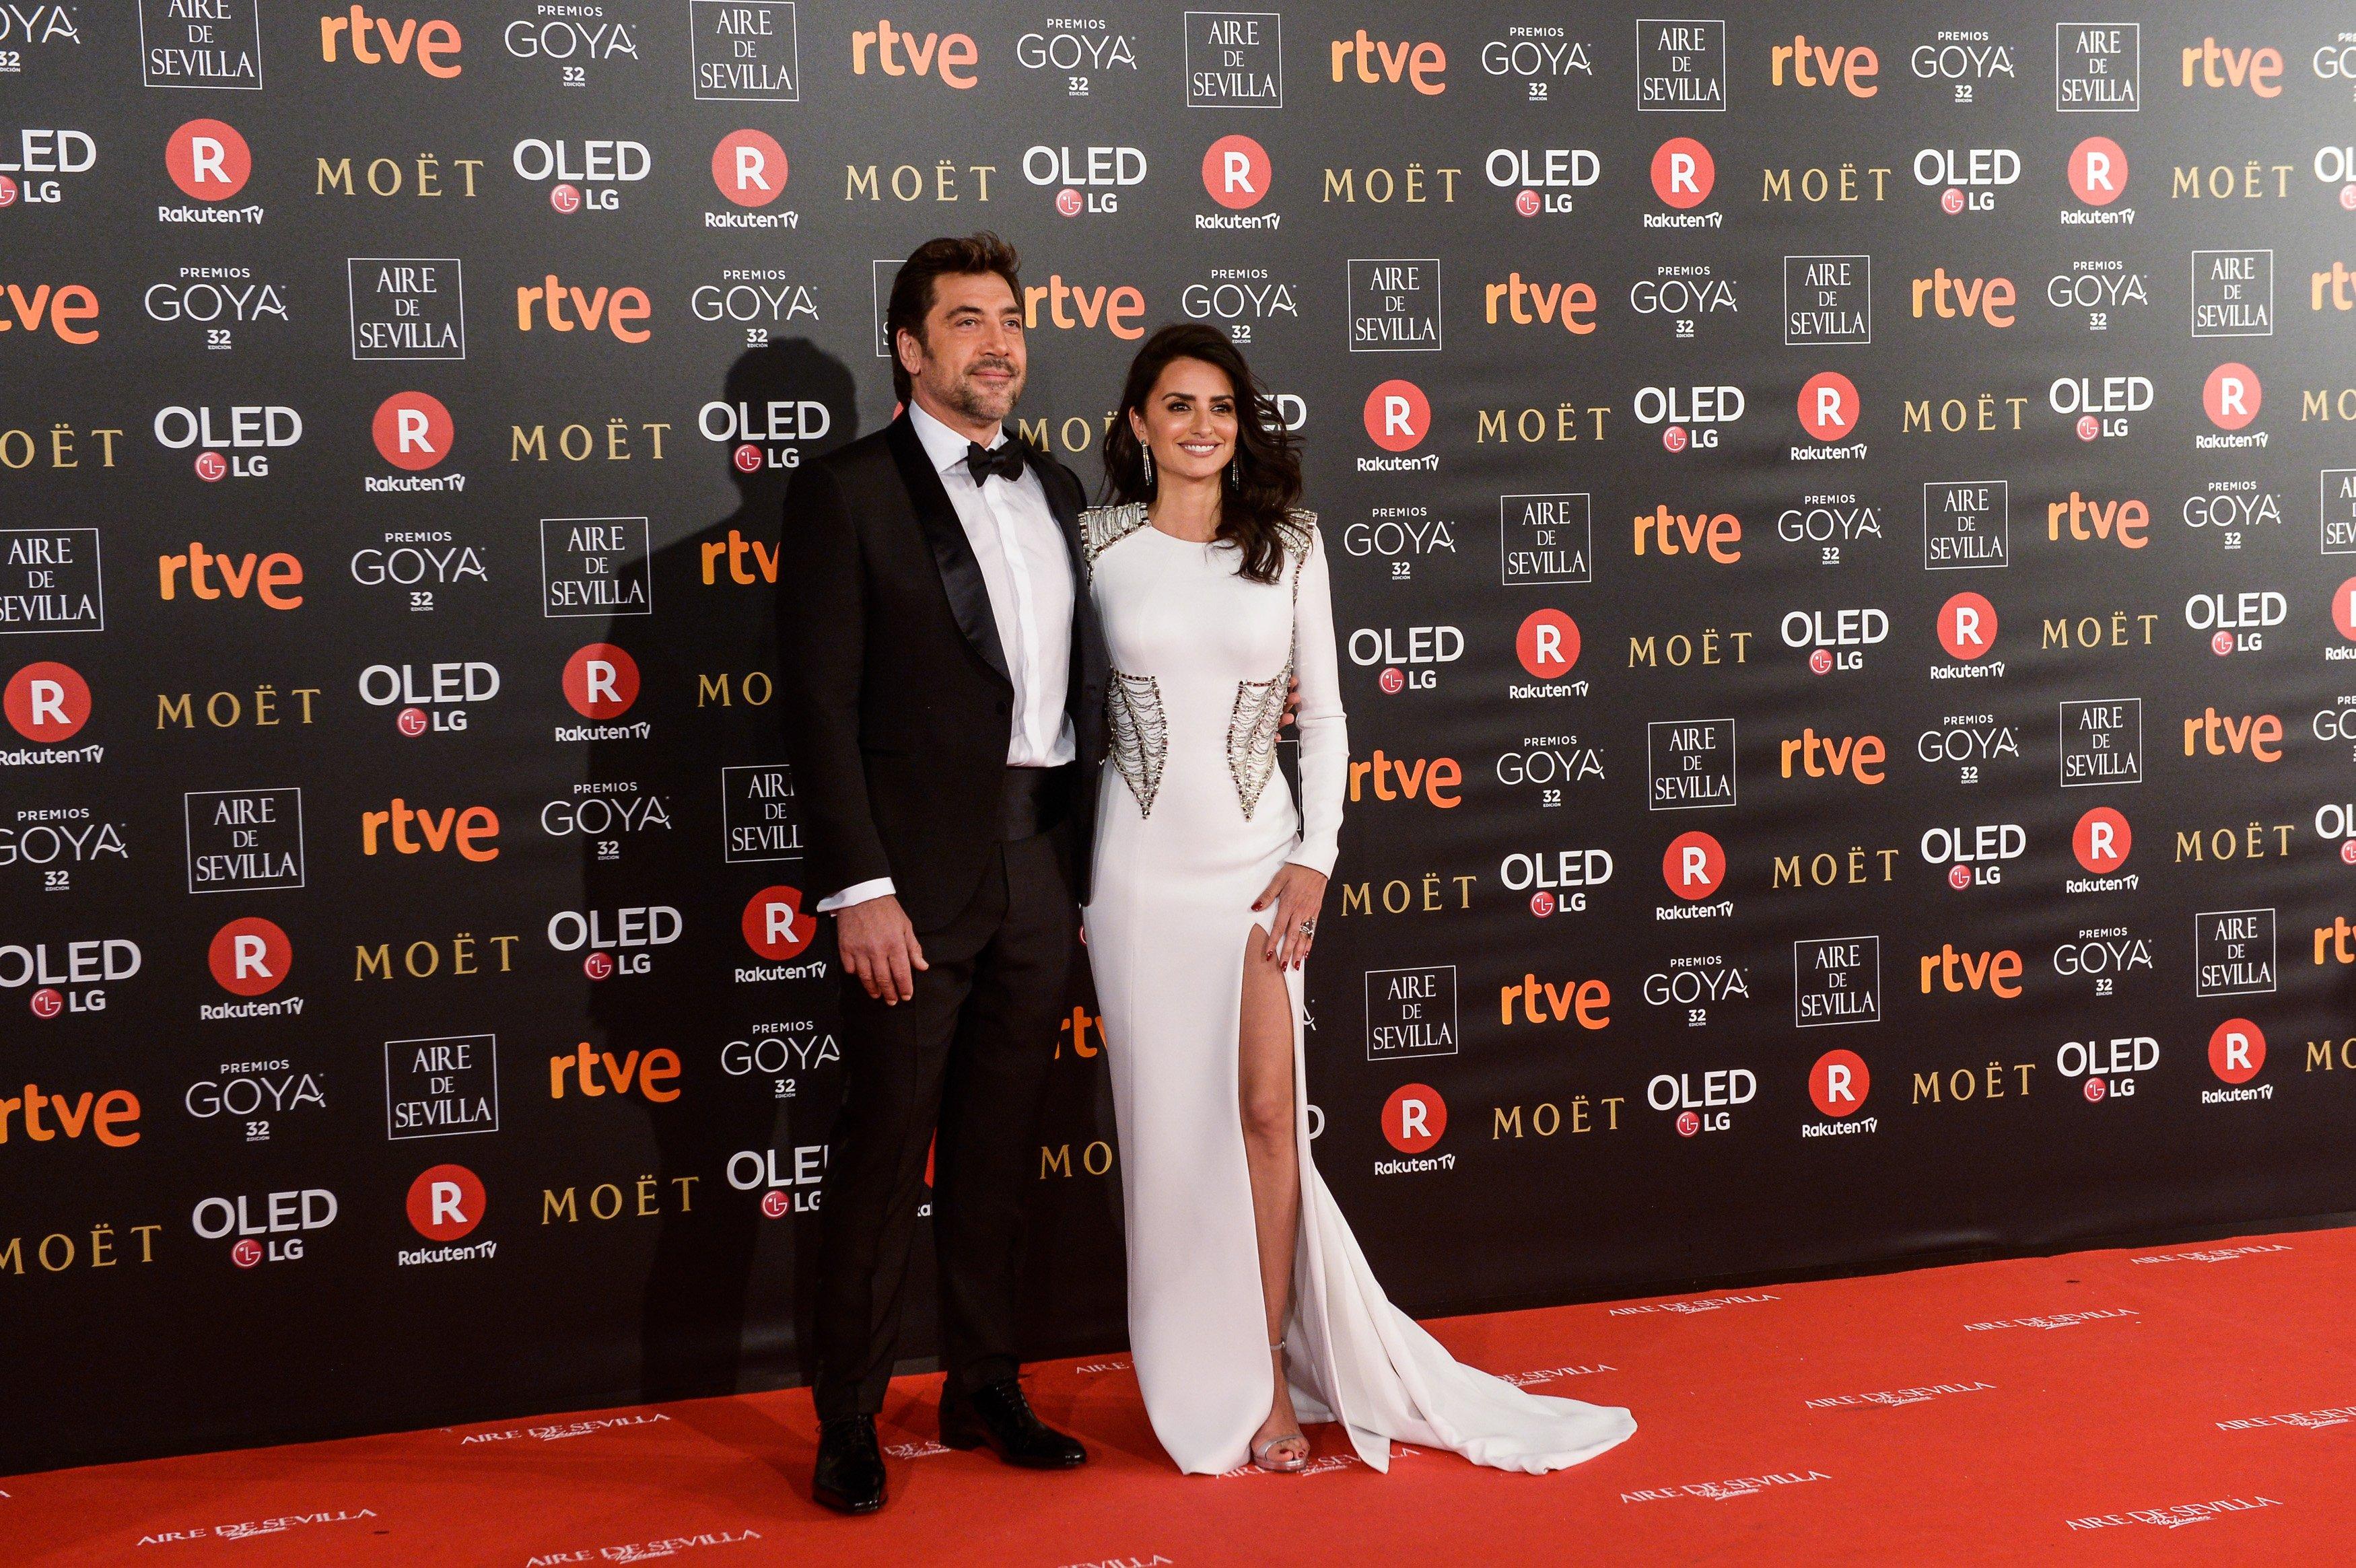 Javier Bardem y Penélope Cruz asisten a los Premios Goya del Cine en el auditorio Marriott, en Madrid, en febrero de 2018 || Fuente: Getty Images